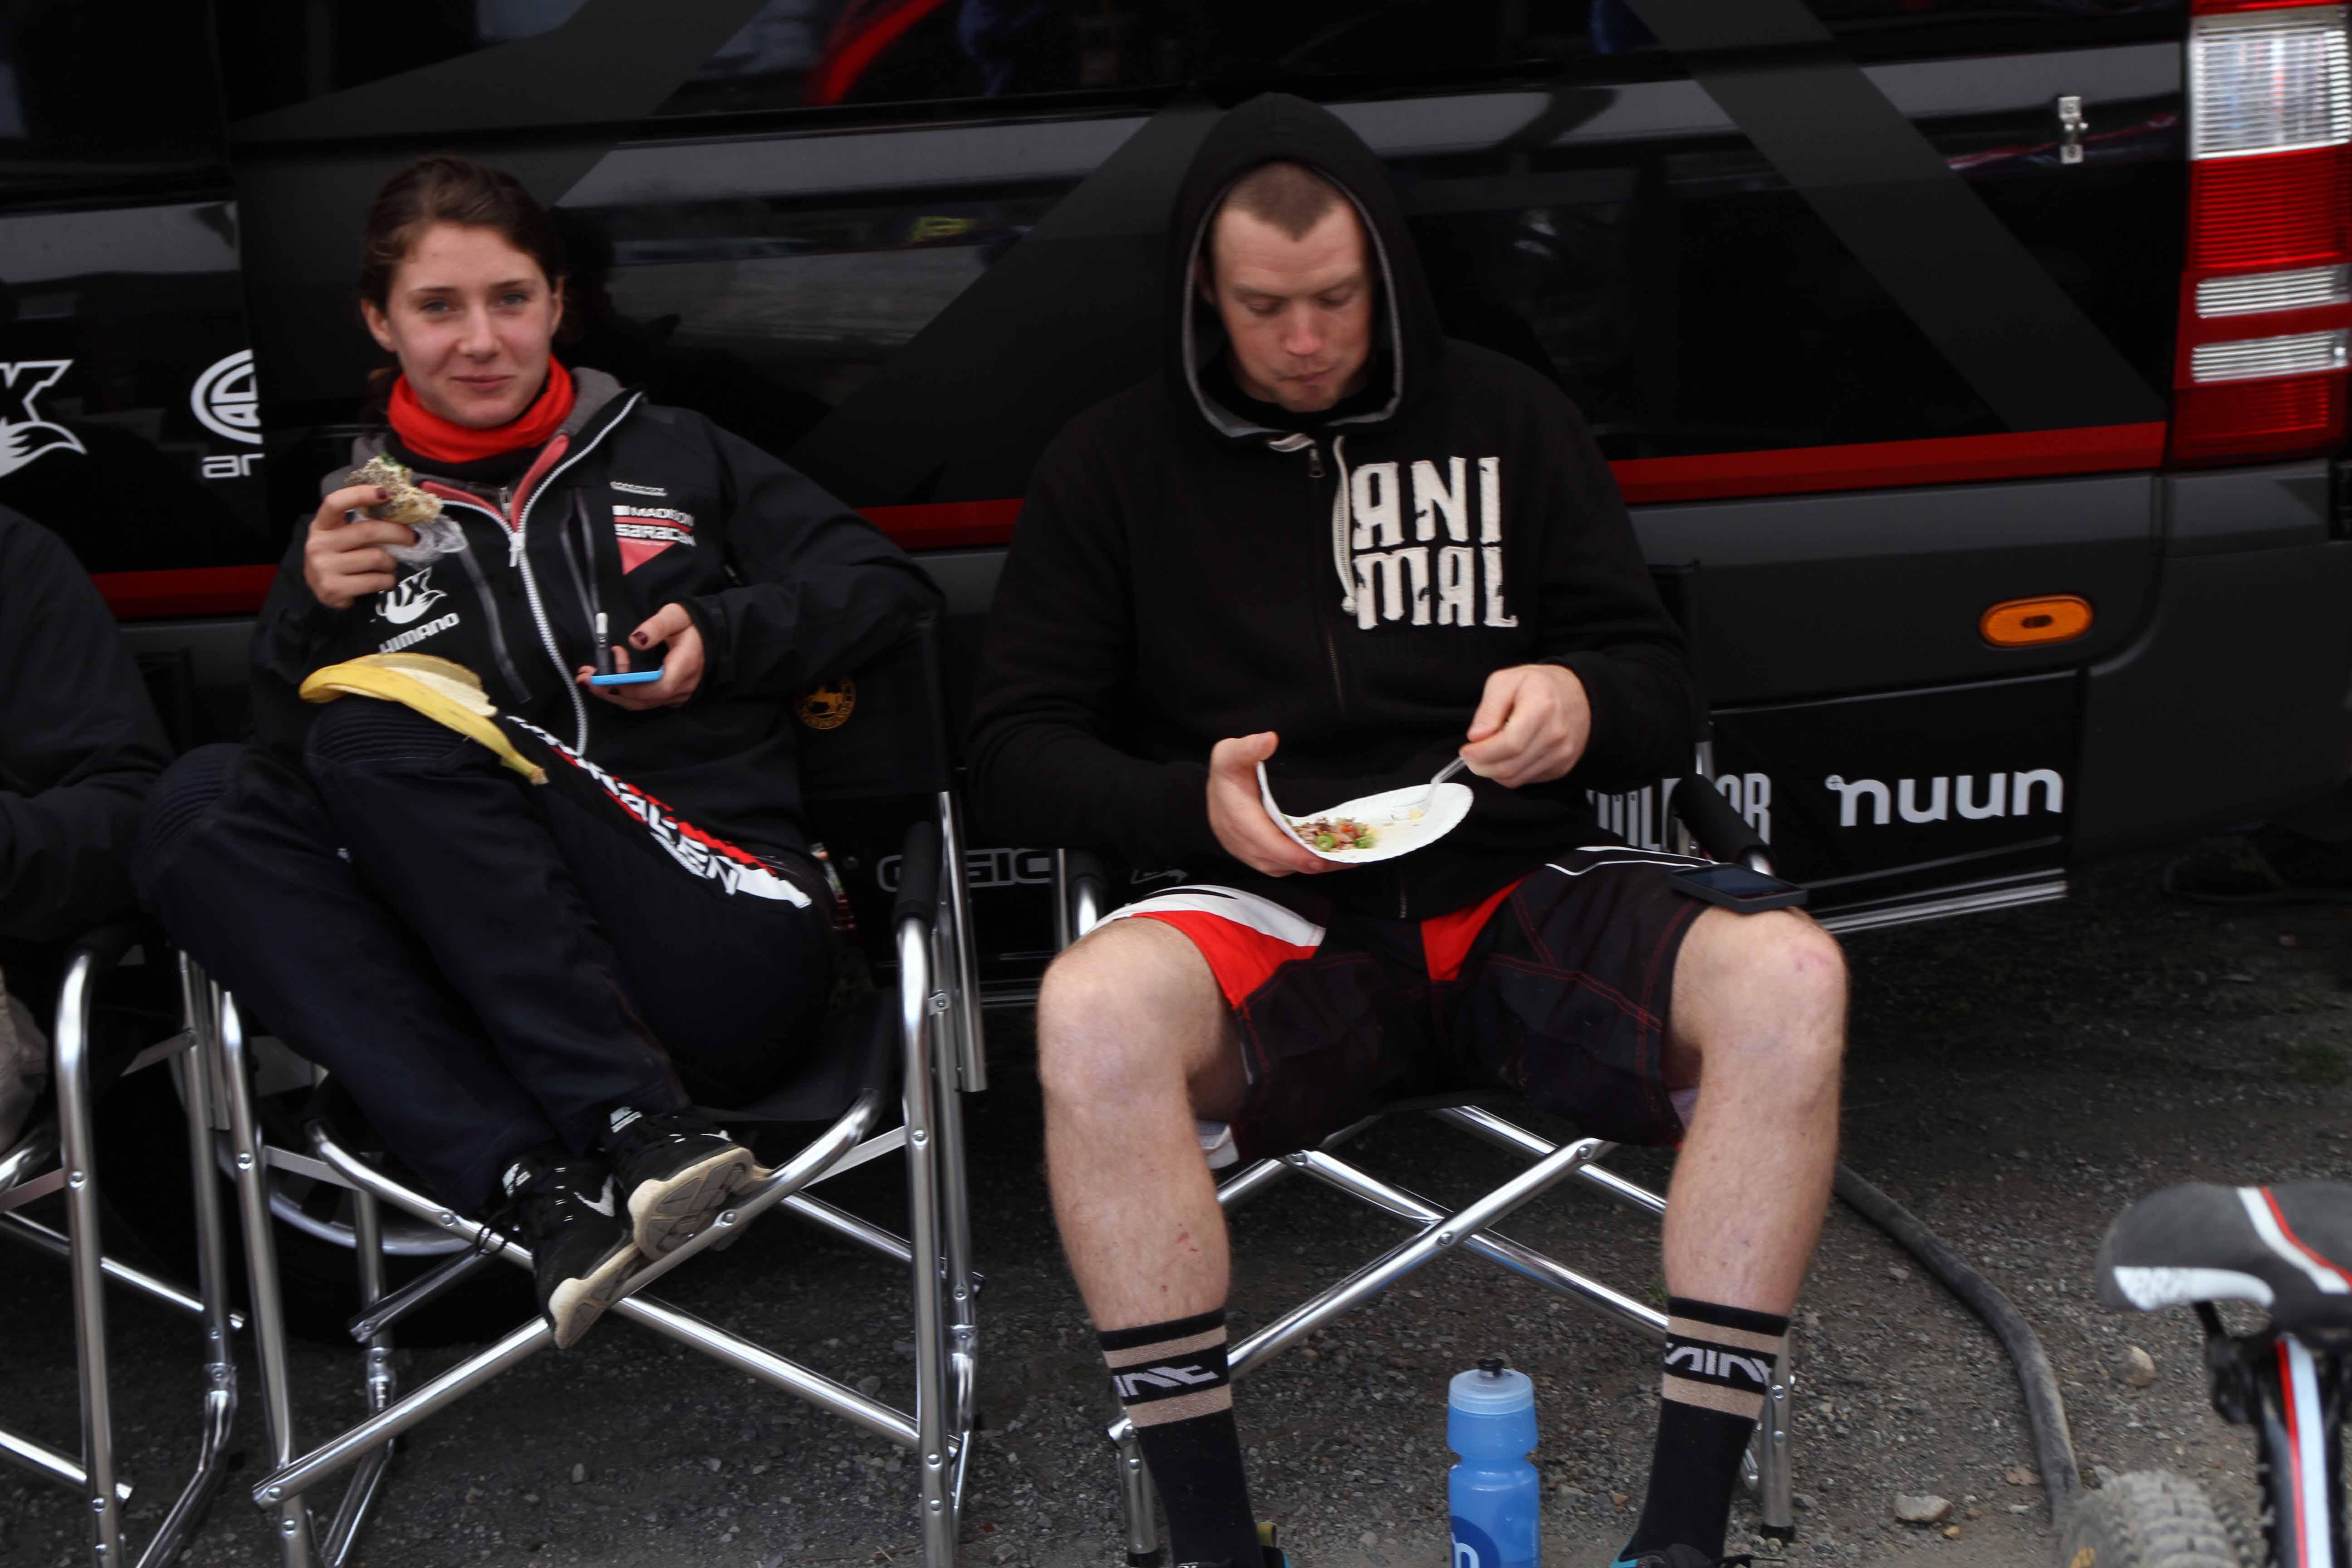 Aus dem Leben gegriffen - Manon Carpenter und Matt Simmonds genießen ihre Snacks nach der Arbeit.